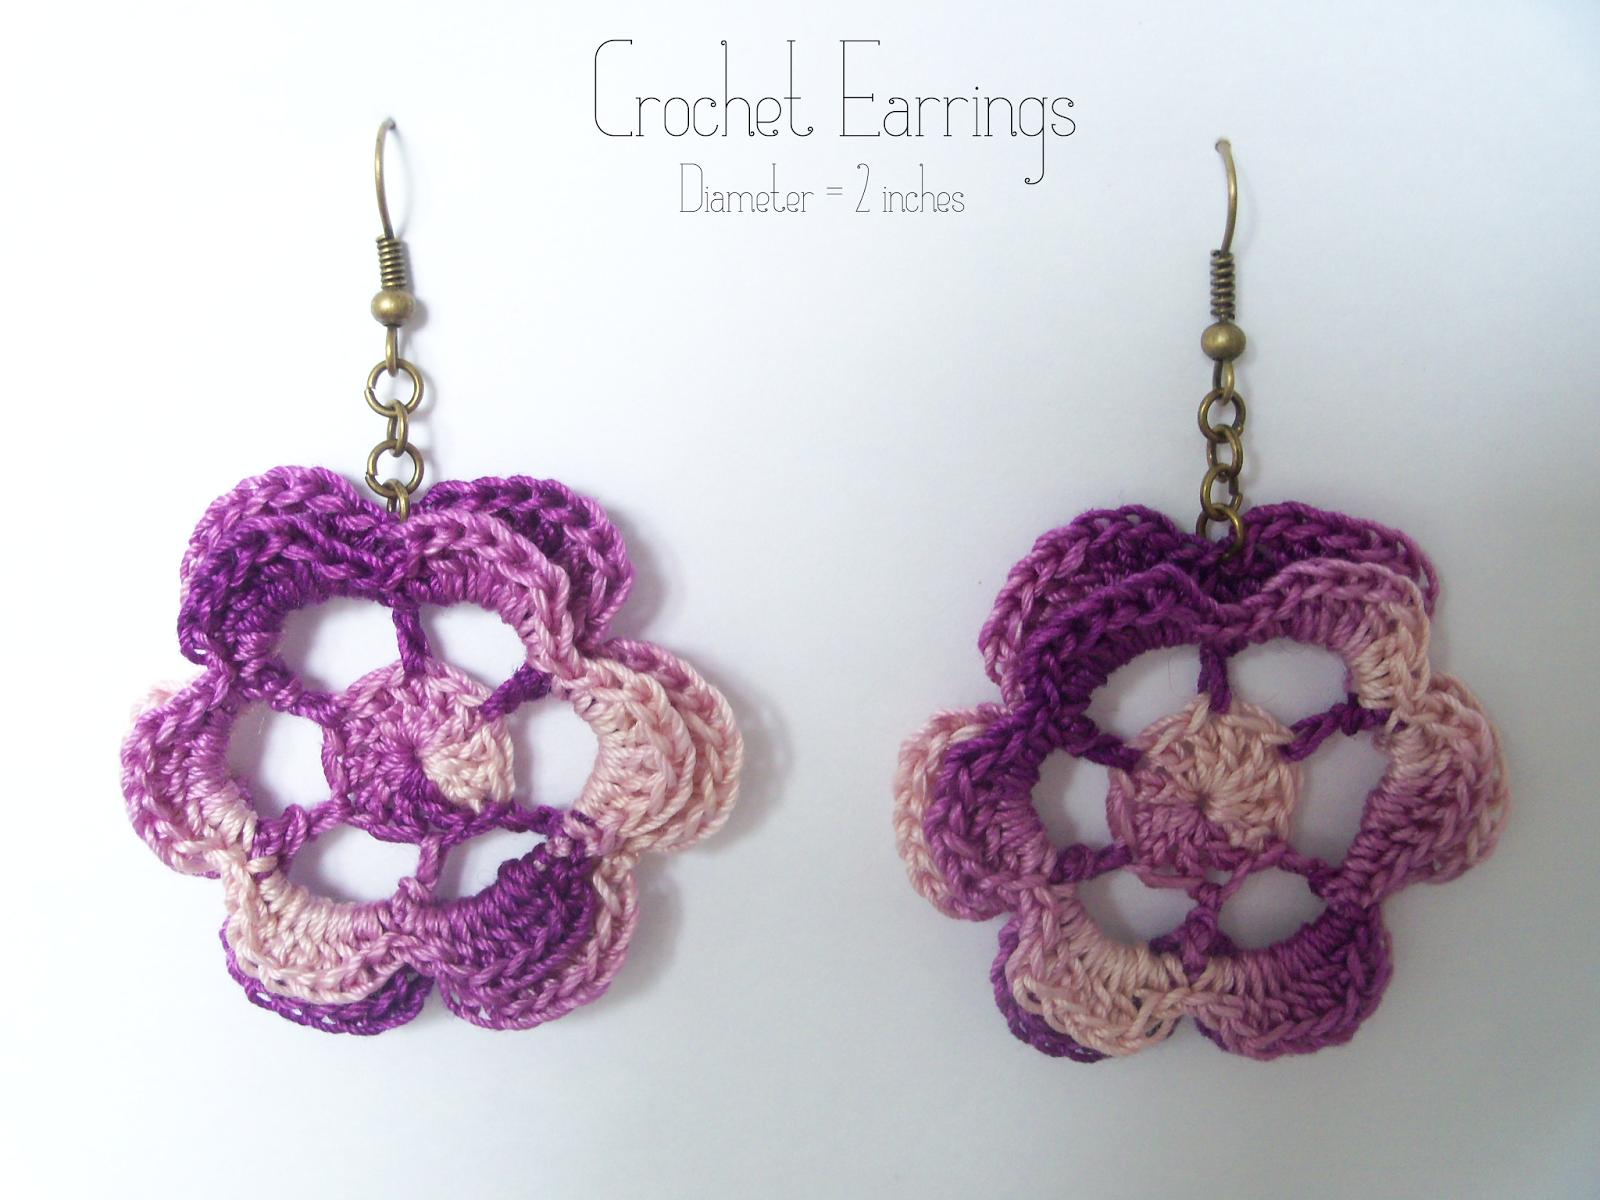 Crochet Earrings Pattern | Pinterest | Crochet earrings pattern ...